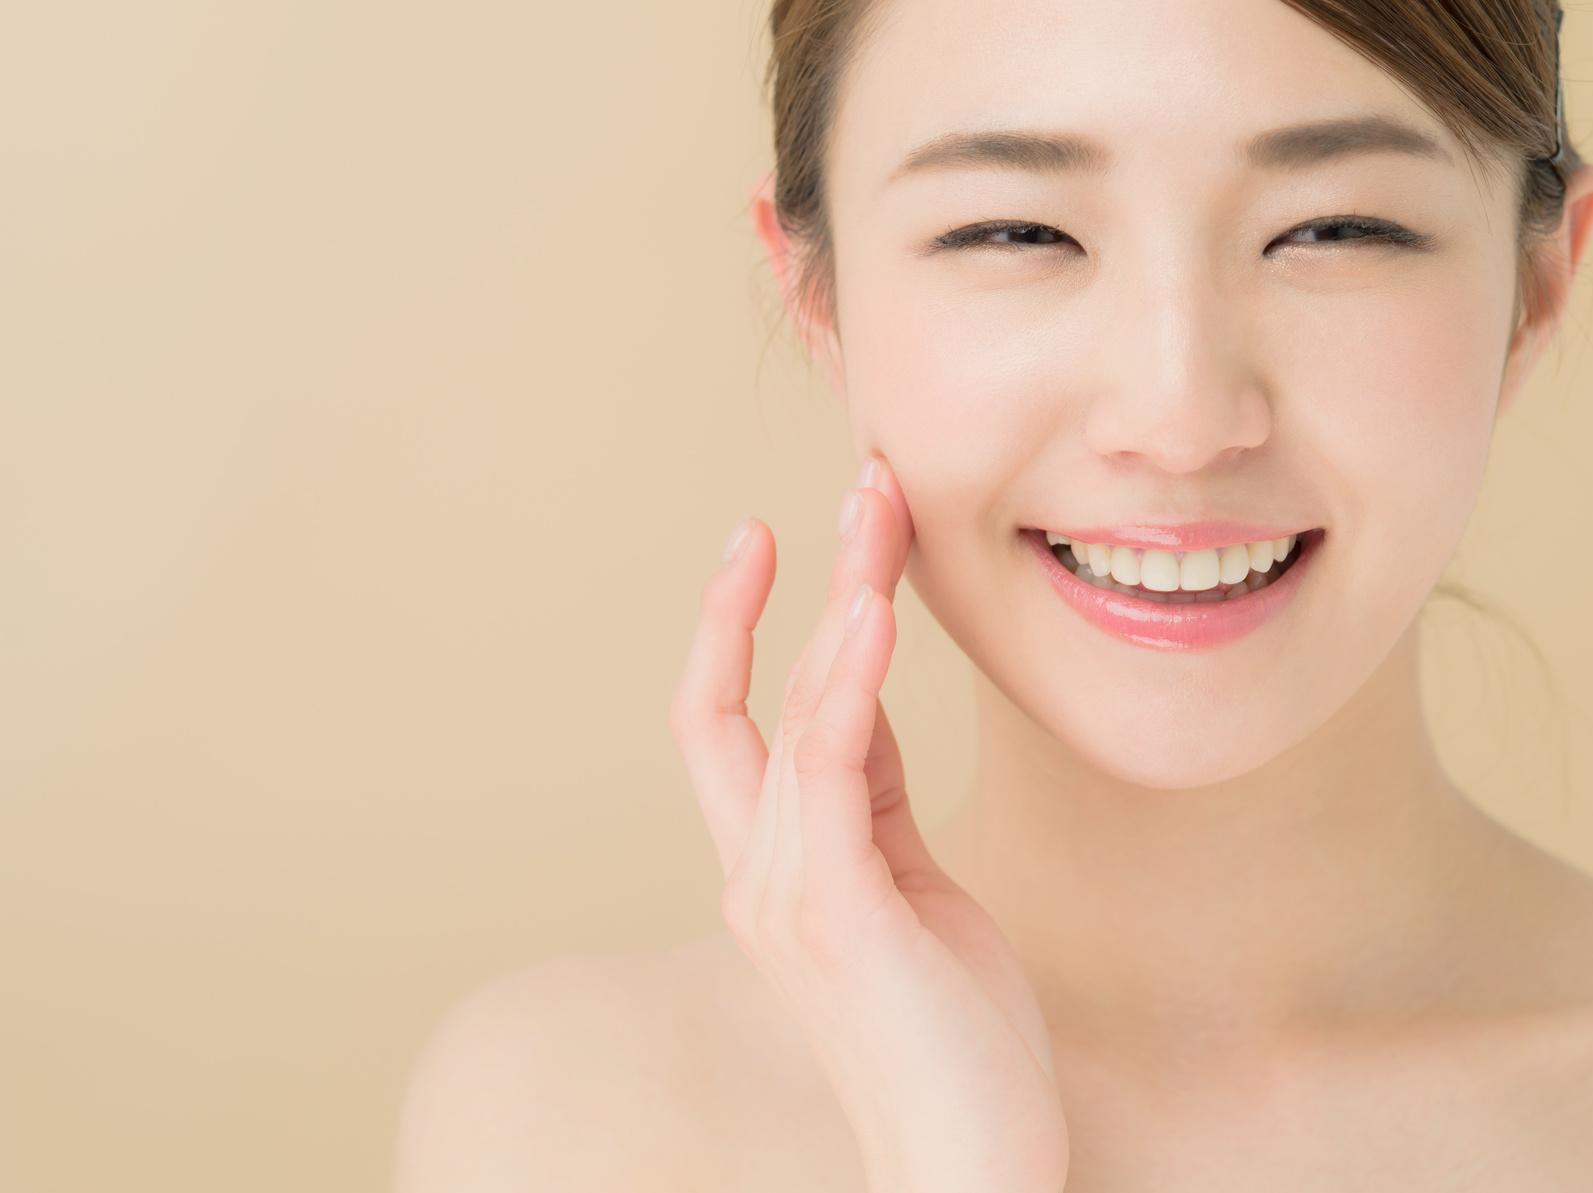 スキンケア笑顔の女性_江口_20151002_Fotolia_77605967_Subscription_Monthly_M